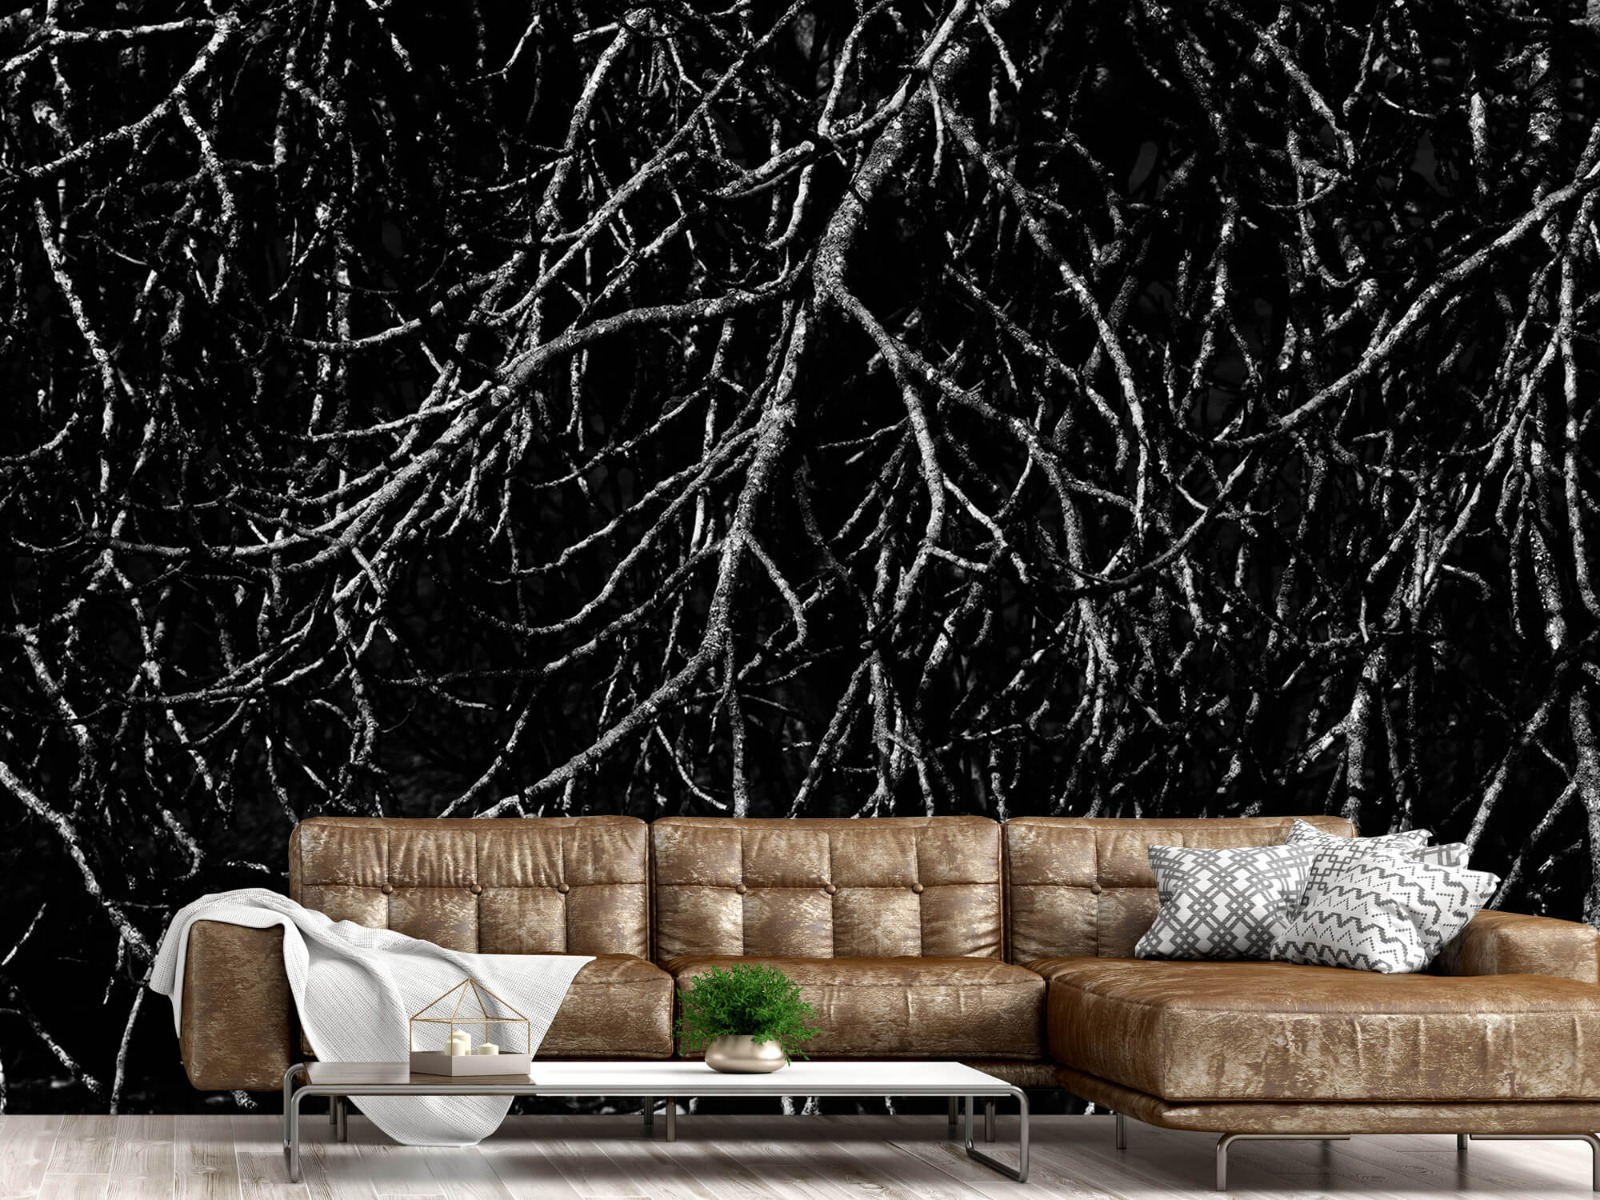 Zwart Wit behang - Boomtakken in zwart wit - Magazijn 15